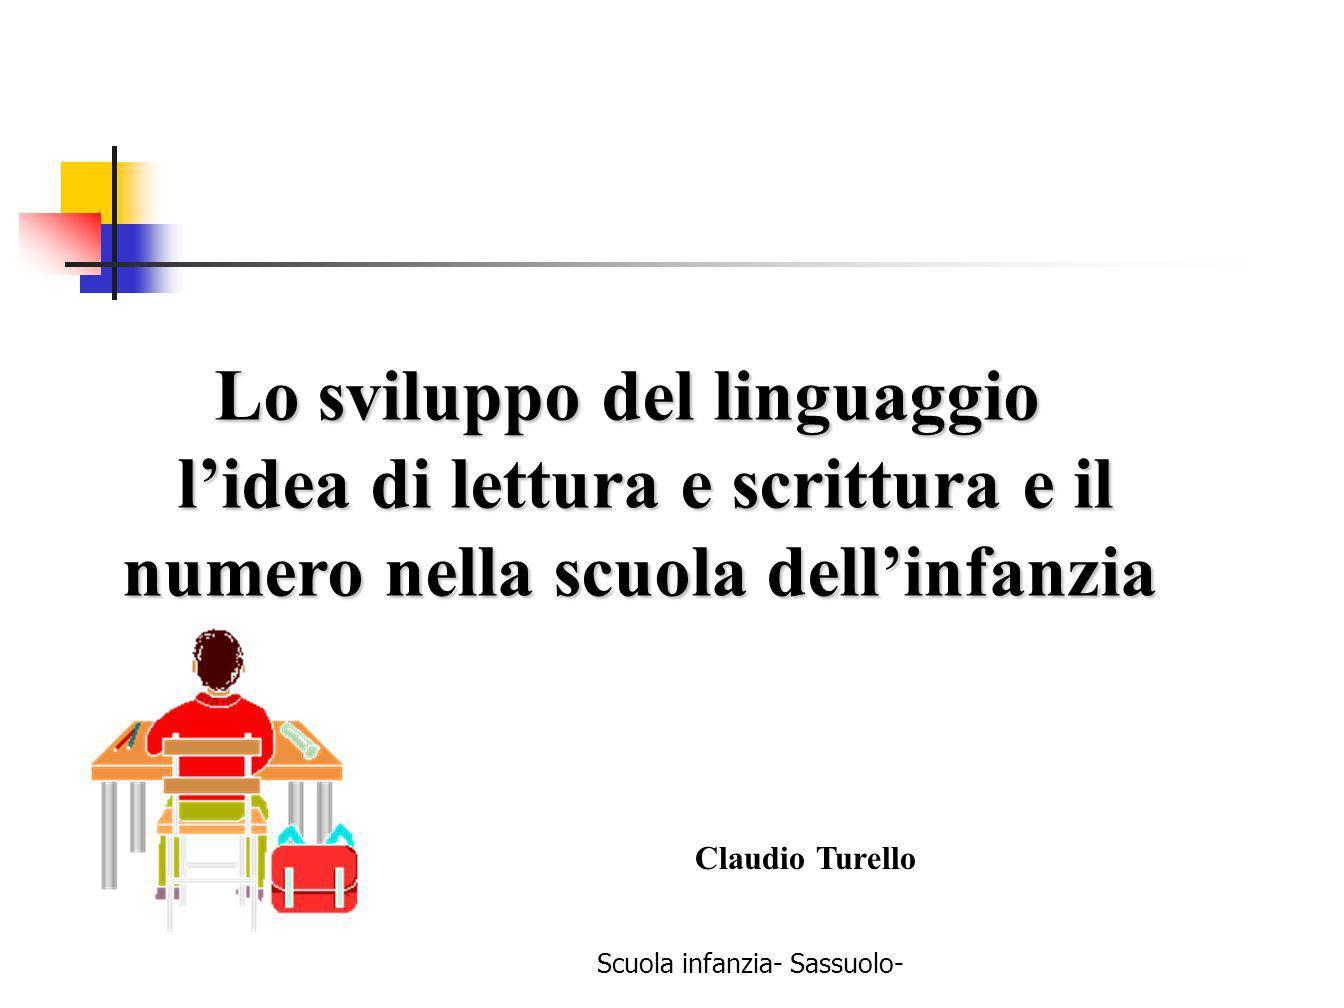 Scuola infanzia- Sassuolo- Lo sviluppo del linguaggio Lo sviluppo del linguaggio lidea di lettura e scrittura e il lidea di lettura e scrittura e il n